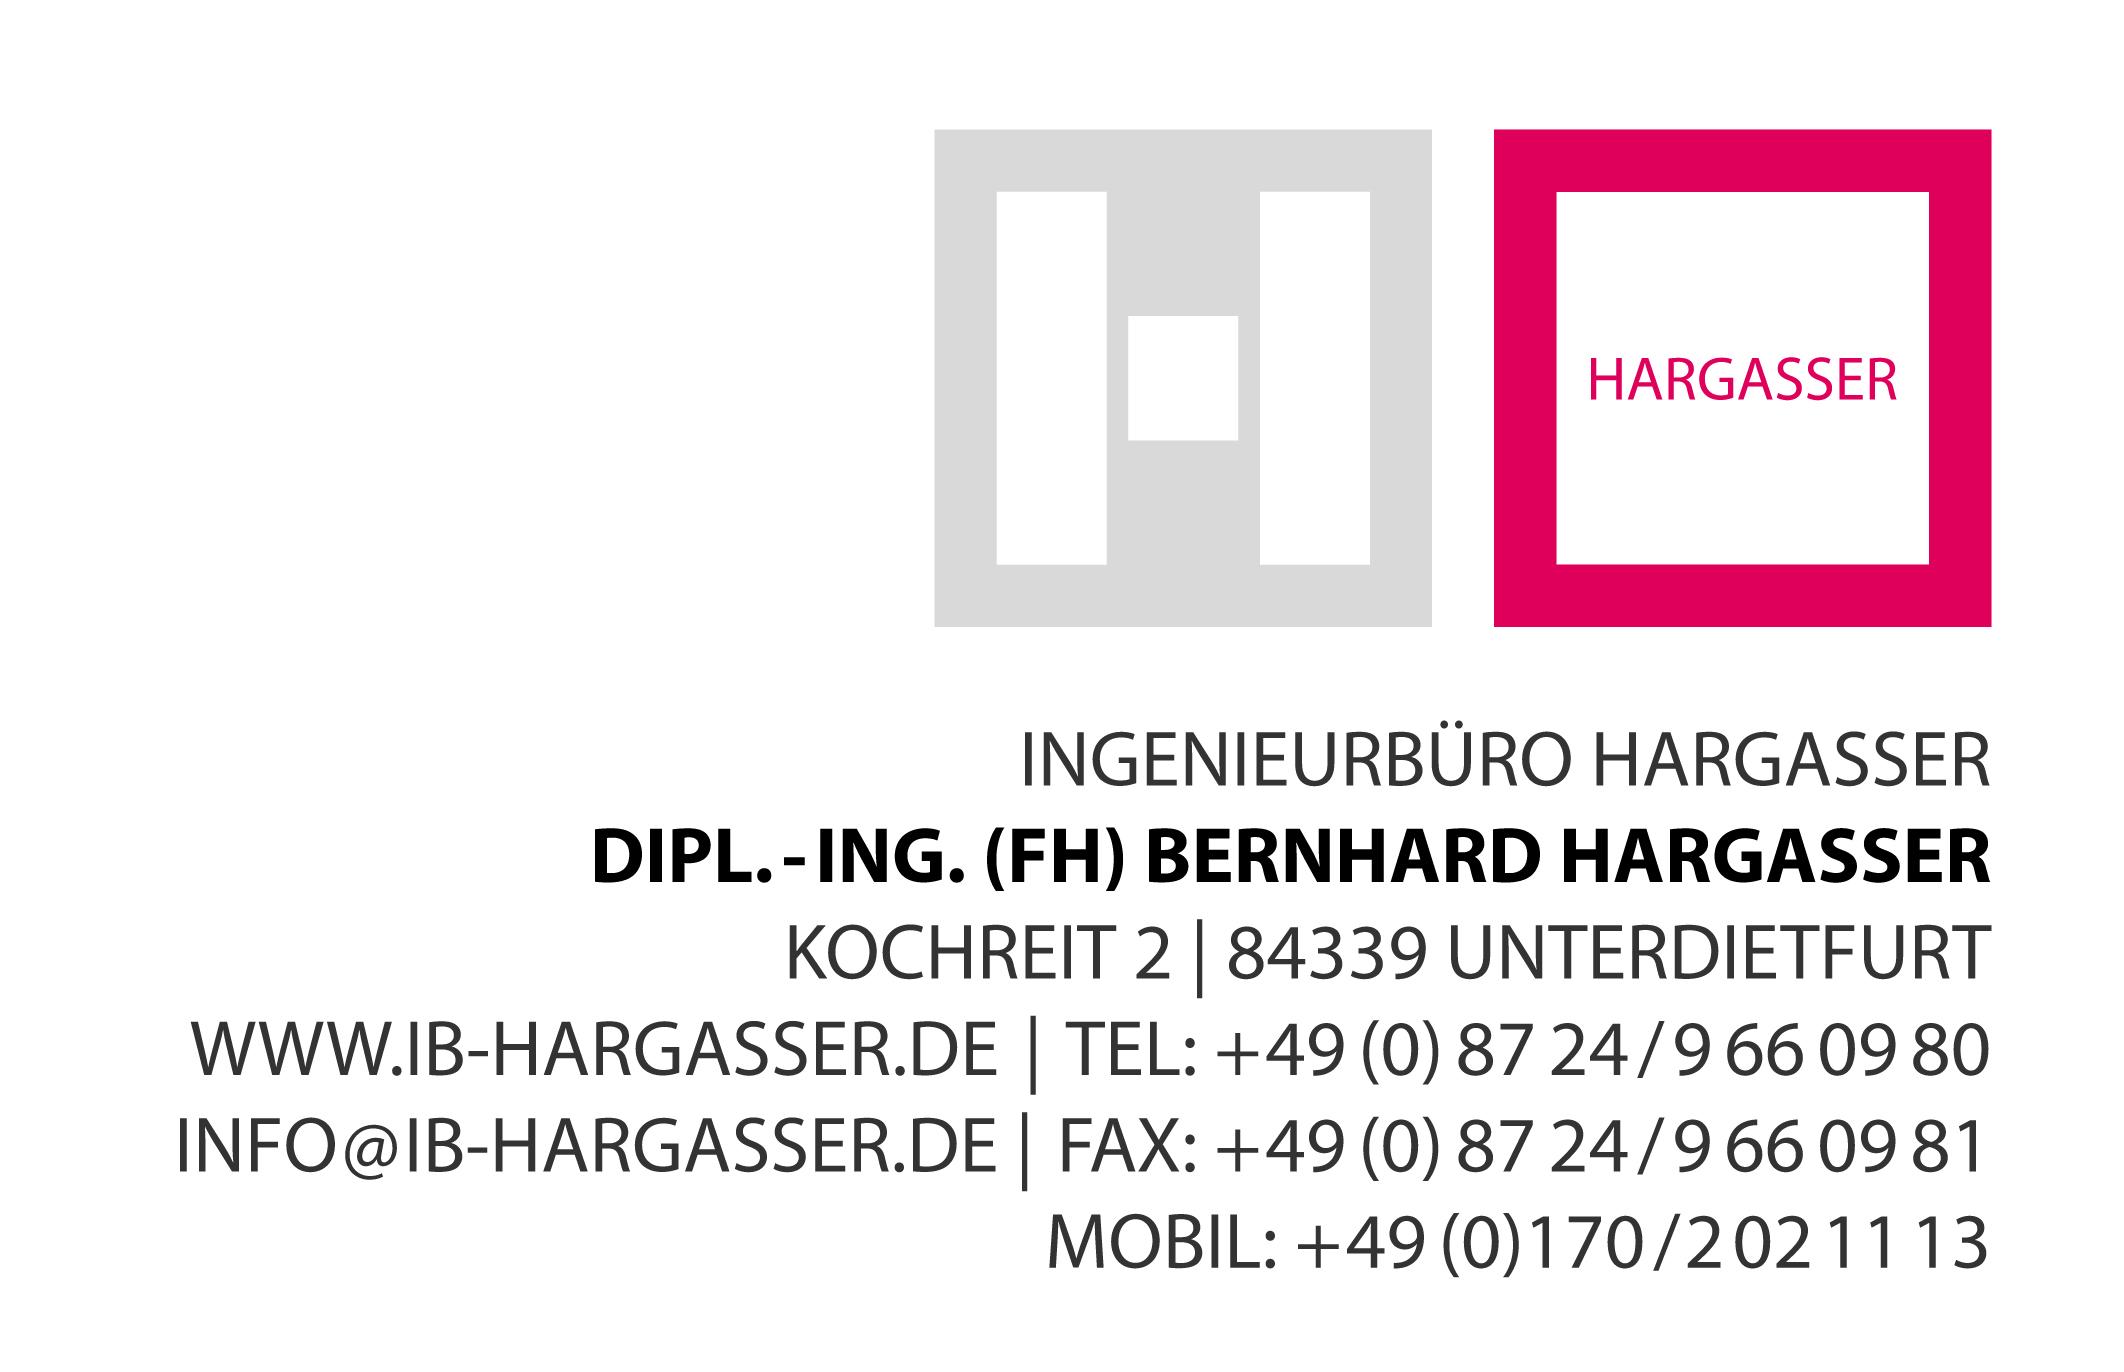 Dipl Ing Fh Bernhard Hargasser